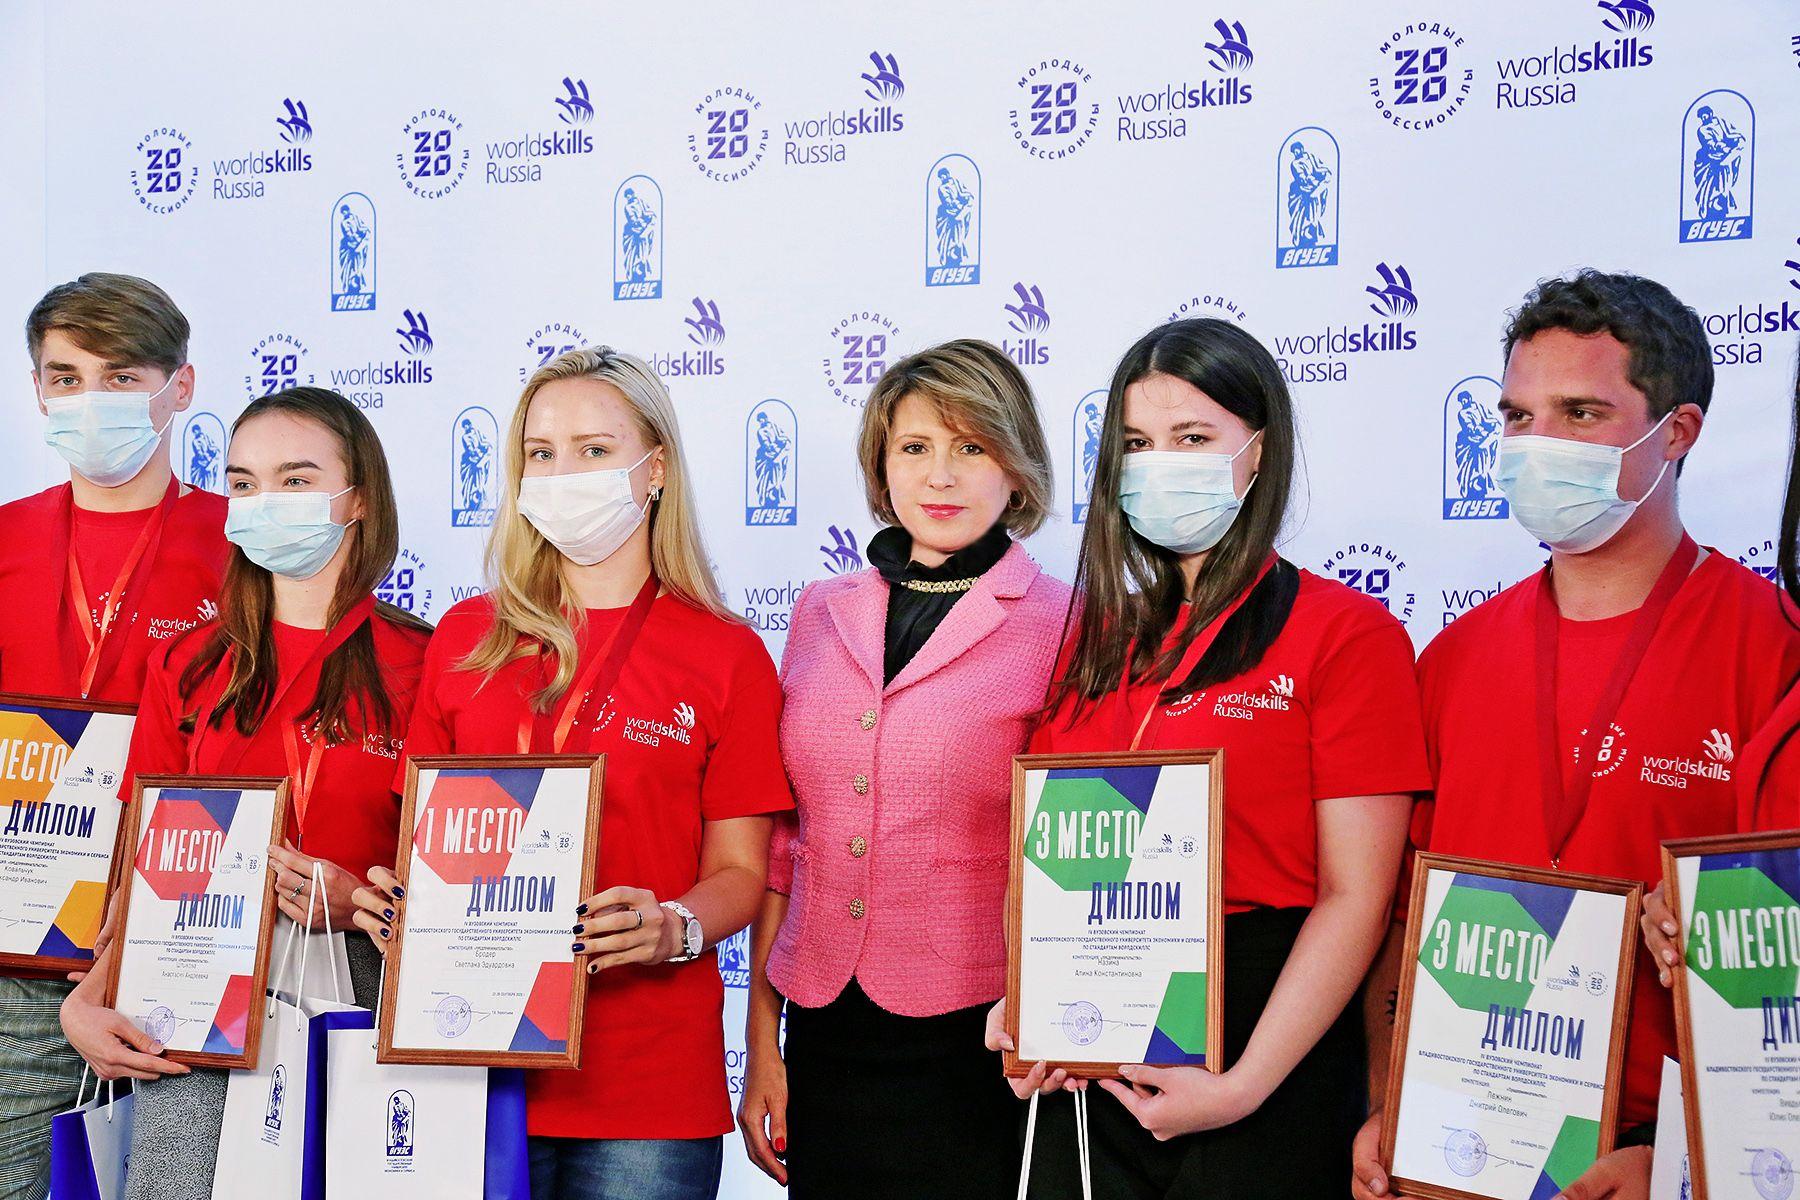 Во ВГУЭС завершился IV вузовский отборочный чемпионат по стандартам WorldSkills: победители отправятся в Москву на Национальный чемпионат